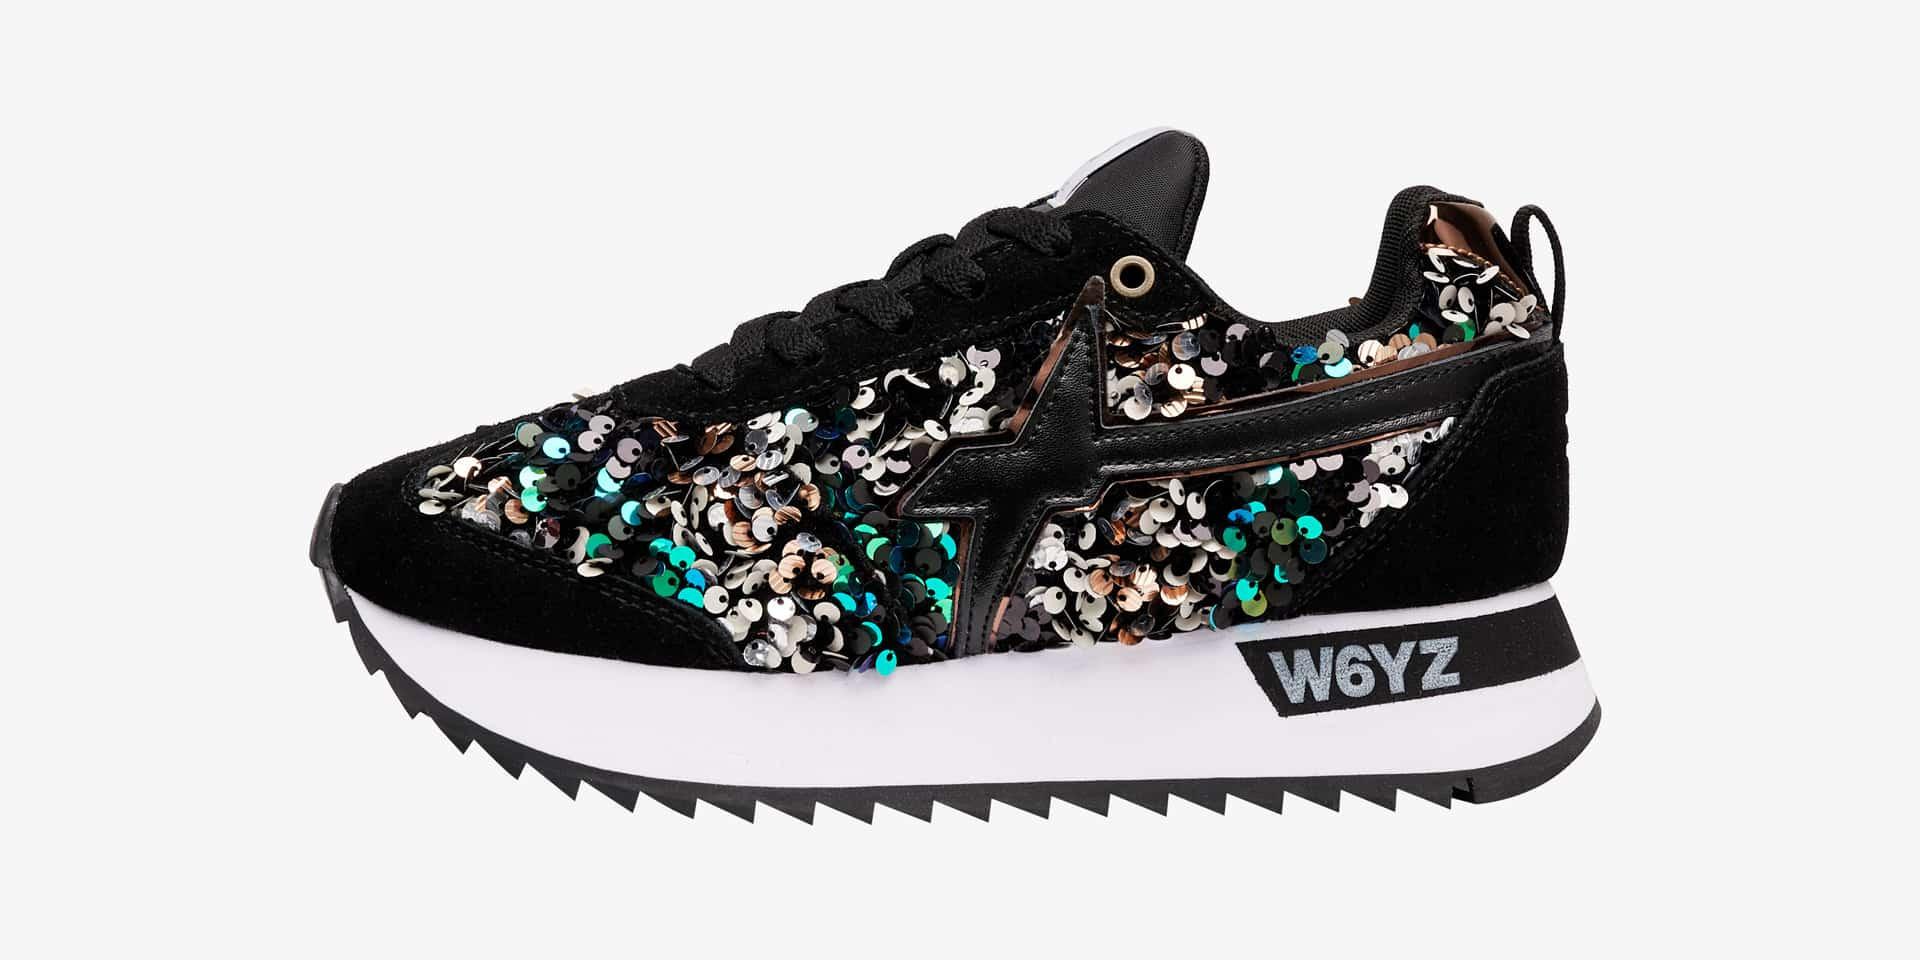 KIS-W. - Sneaker in suede e paillettes - Nero/Multicolore